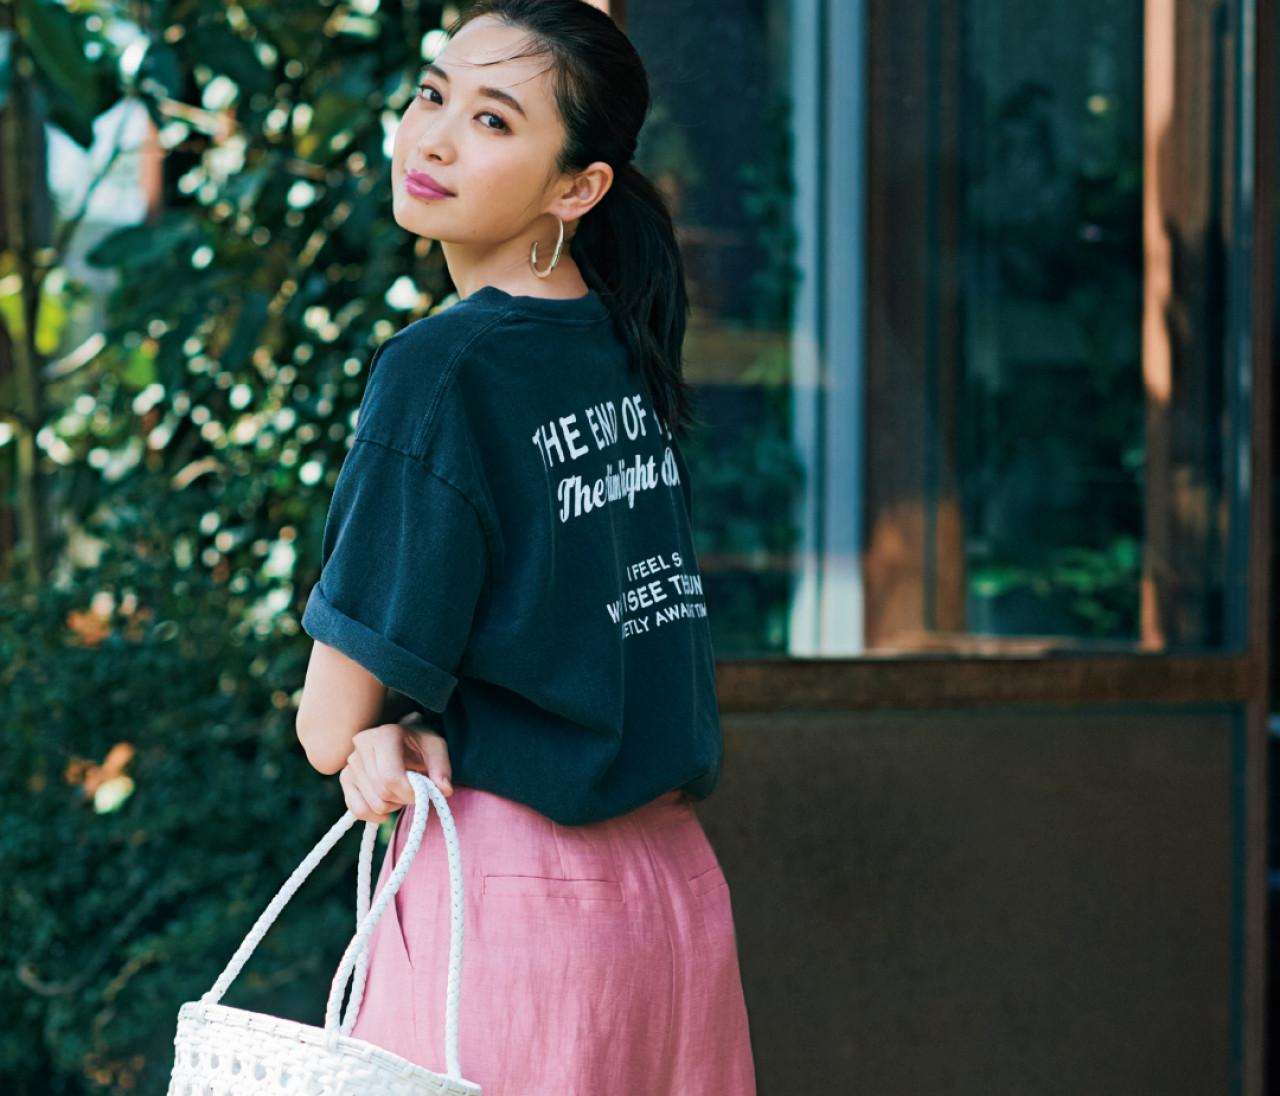 木曜日は、ロゴTときれい色パンツでヘルシーカジュアル【30代今日のコーデ】